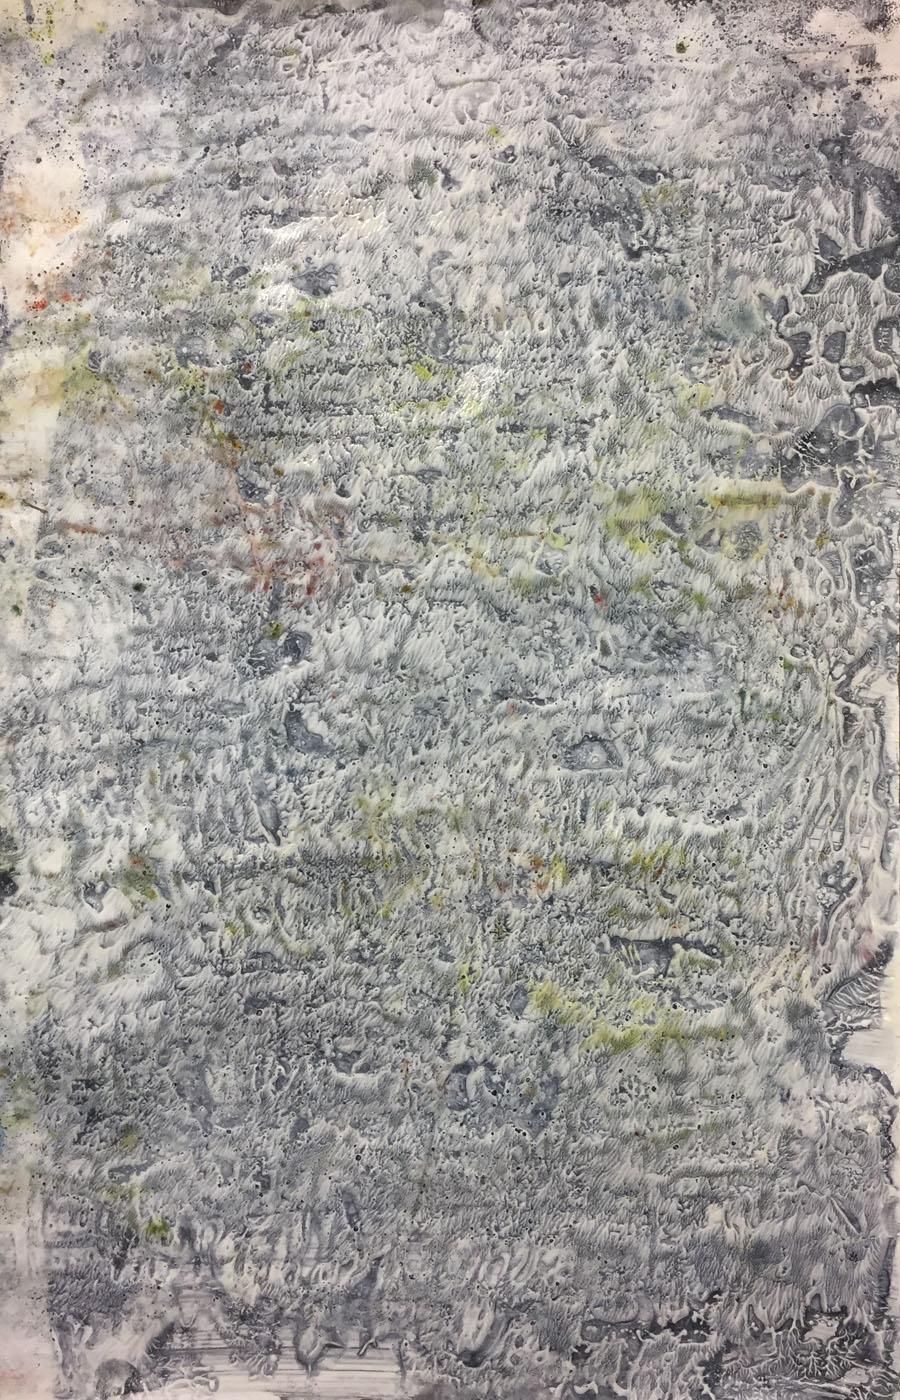 MARC FELD 2019 ÉCRITURES Gouache, acrylique et pigment sur papier 50 x 32 cm